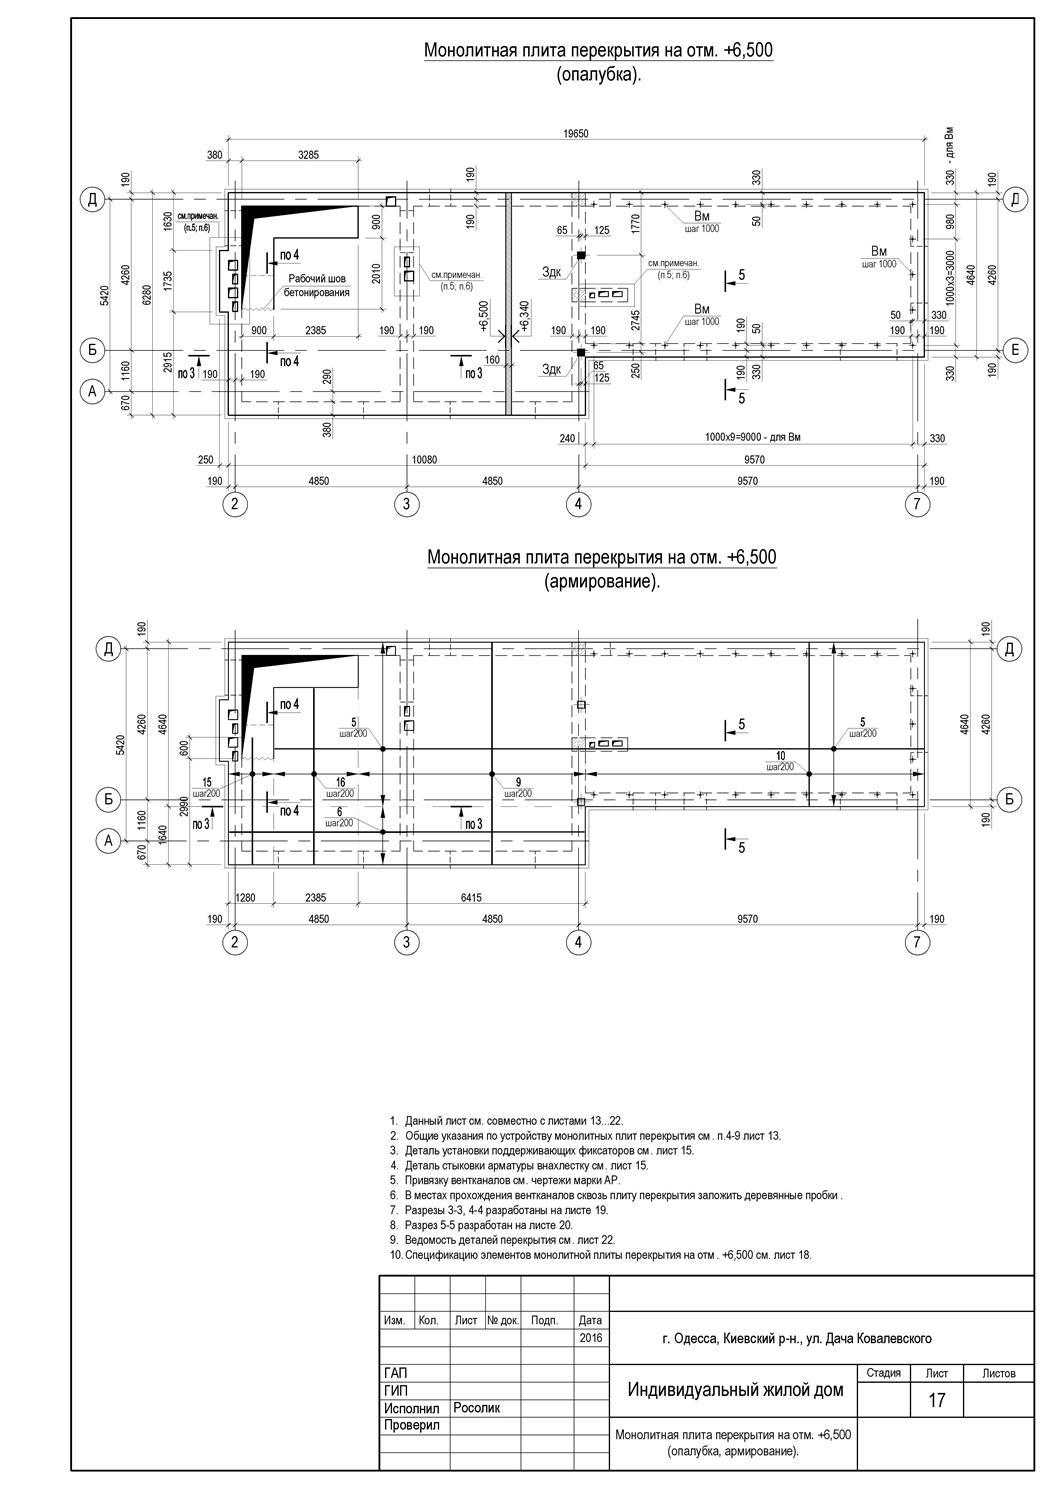 опалубочный чертеж монолитной плиты перекрытия